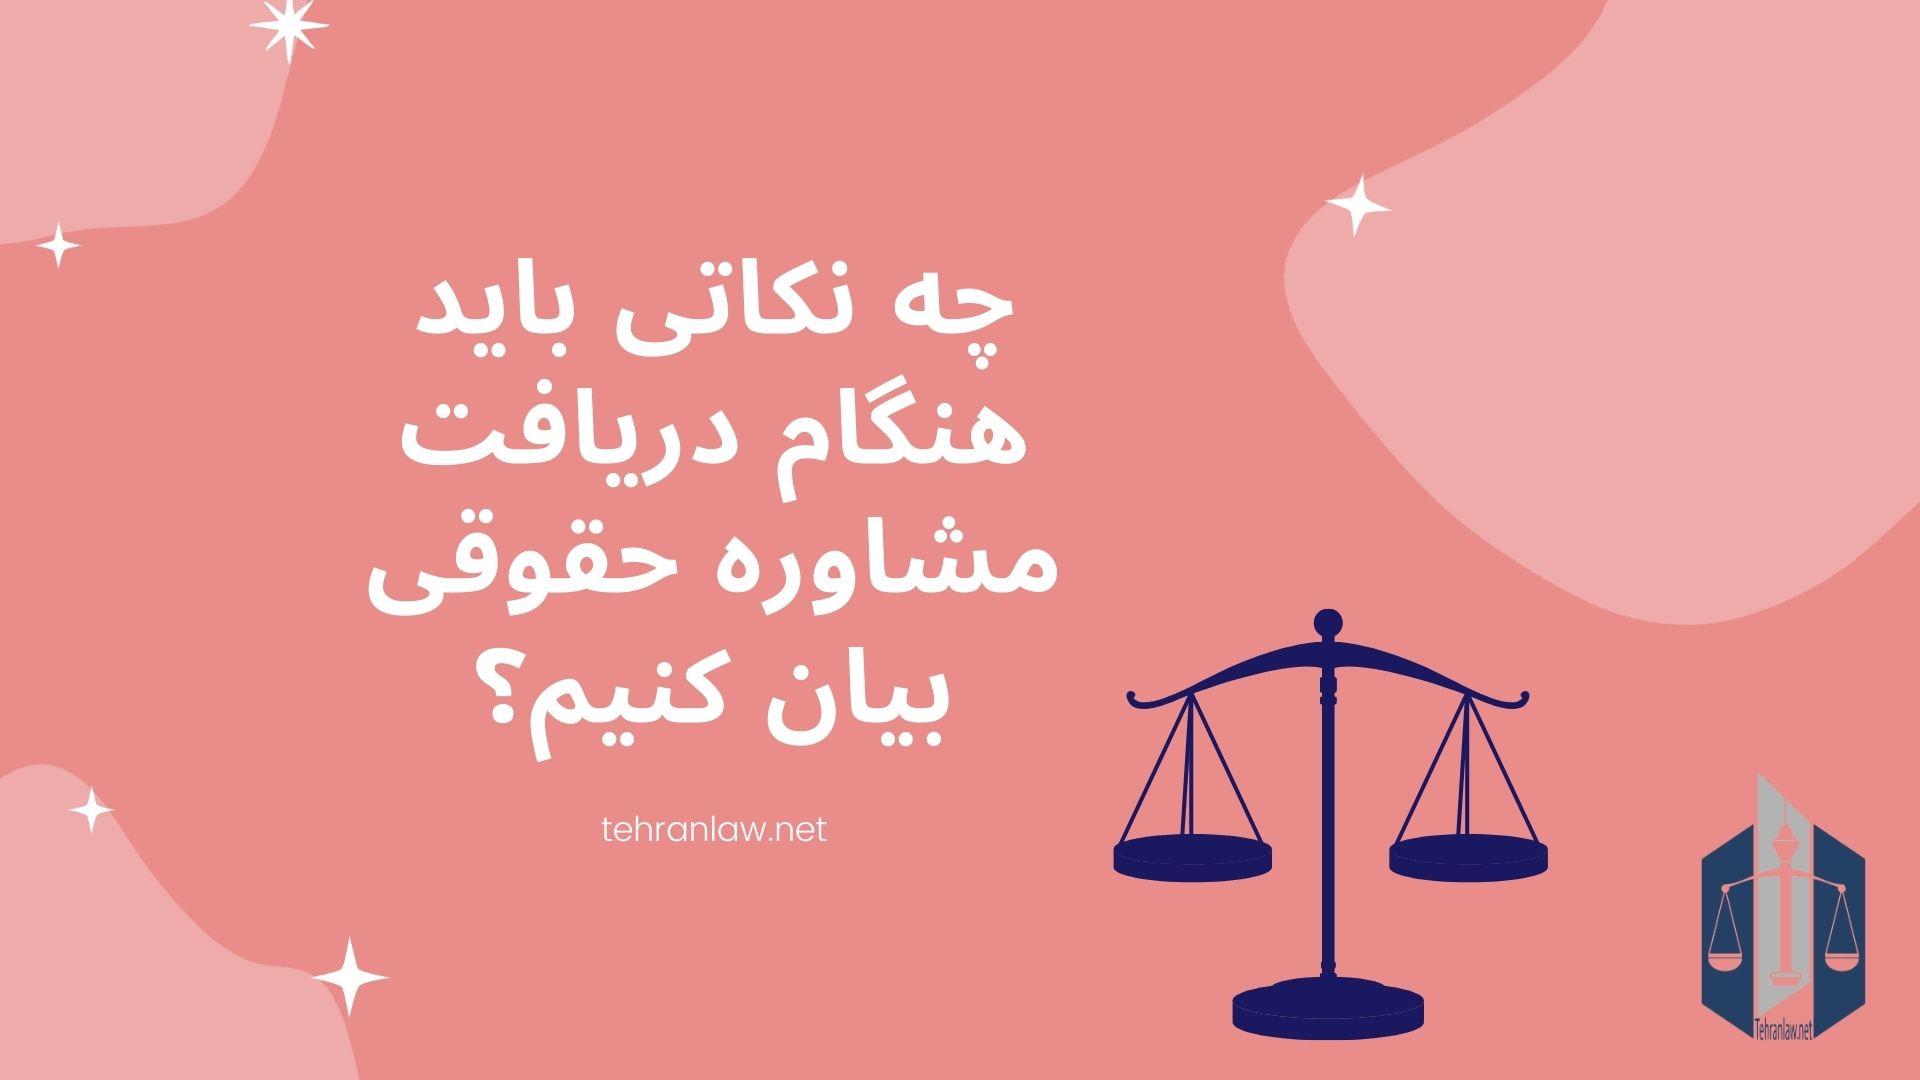 چه نکاتی باید هنگام دریافت مشاوره حقوقی بیان کنیم